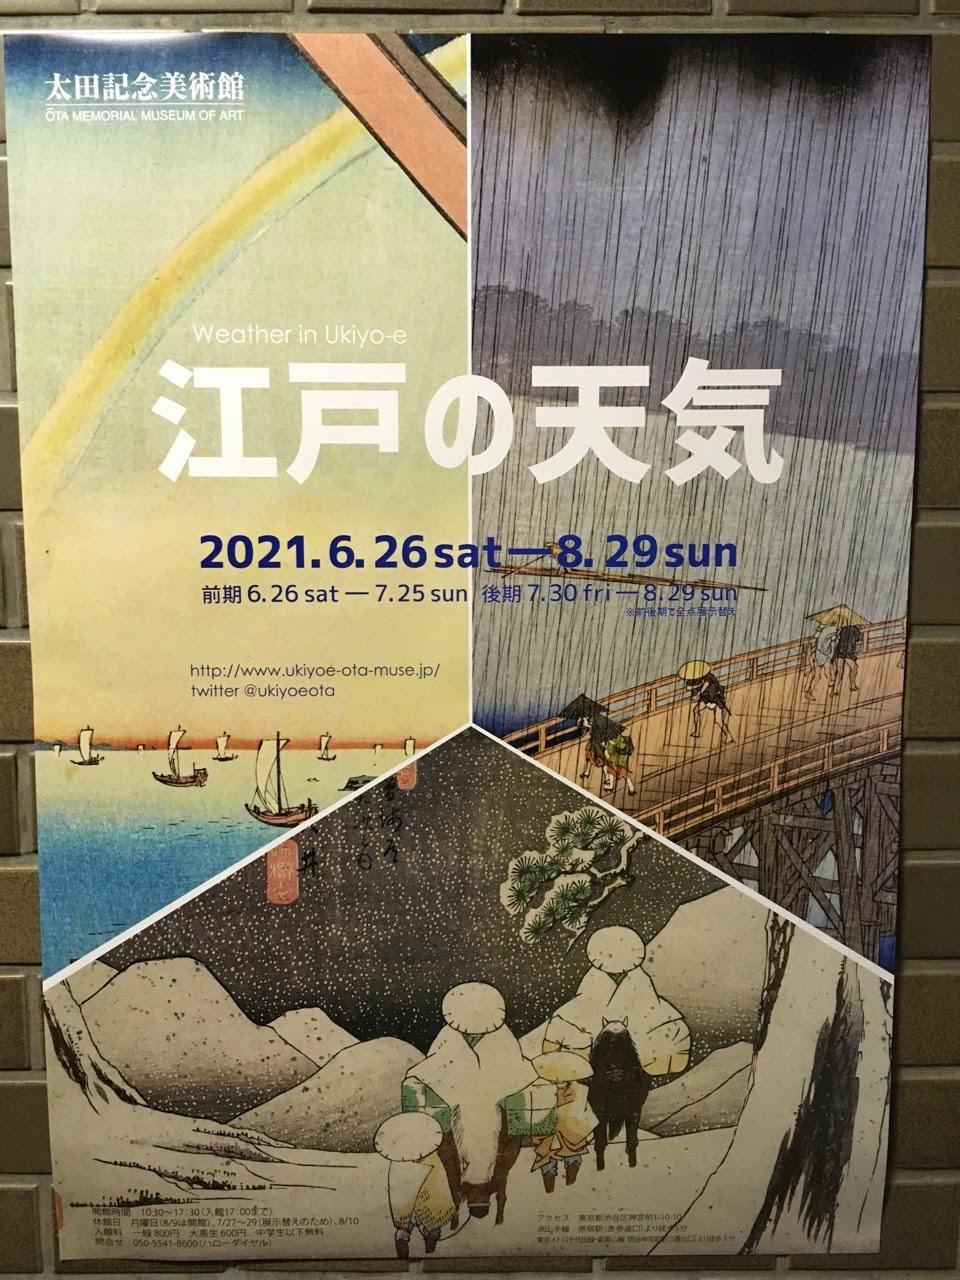 江戸の天気展